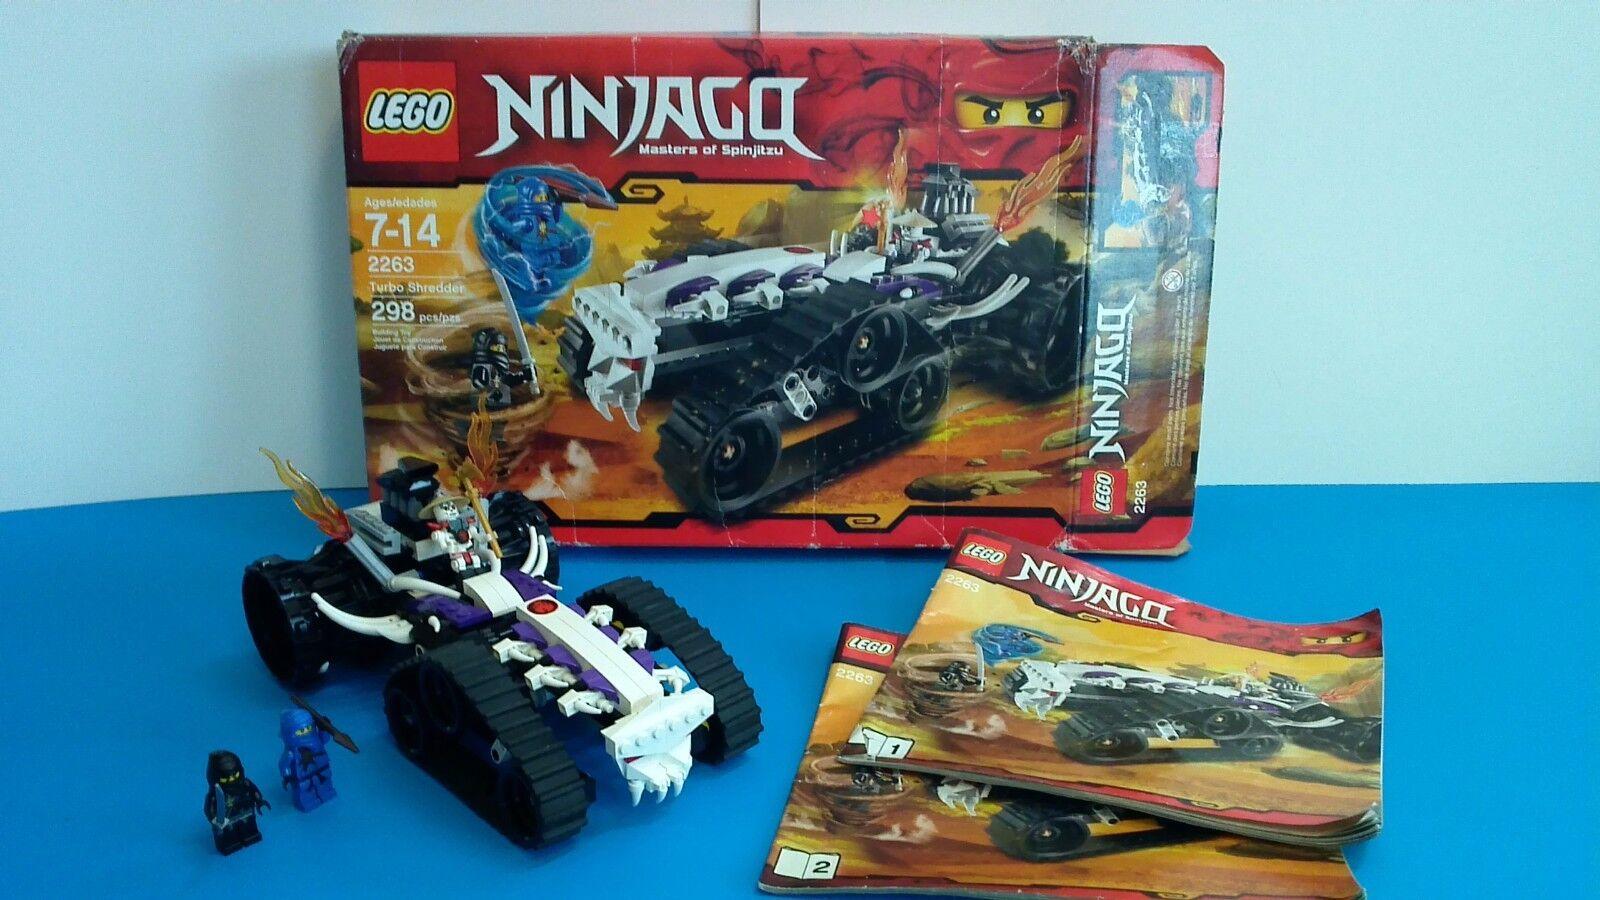 LEGO Ninjago  Turbo Shrödder 2263, 298 pcs kompletta, REIröd